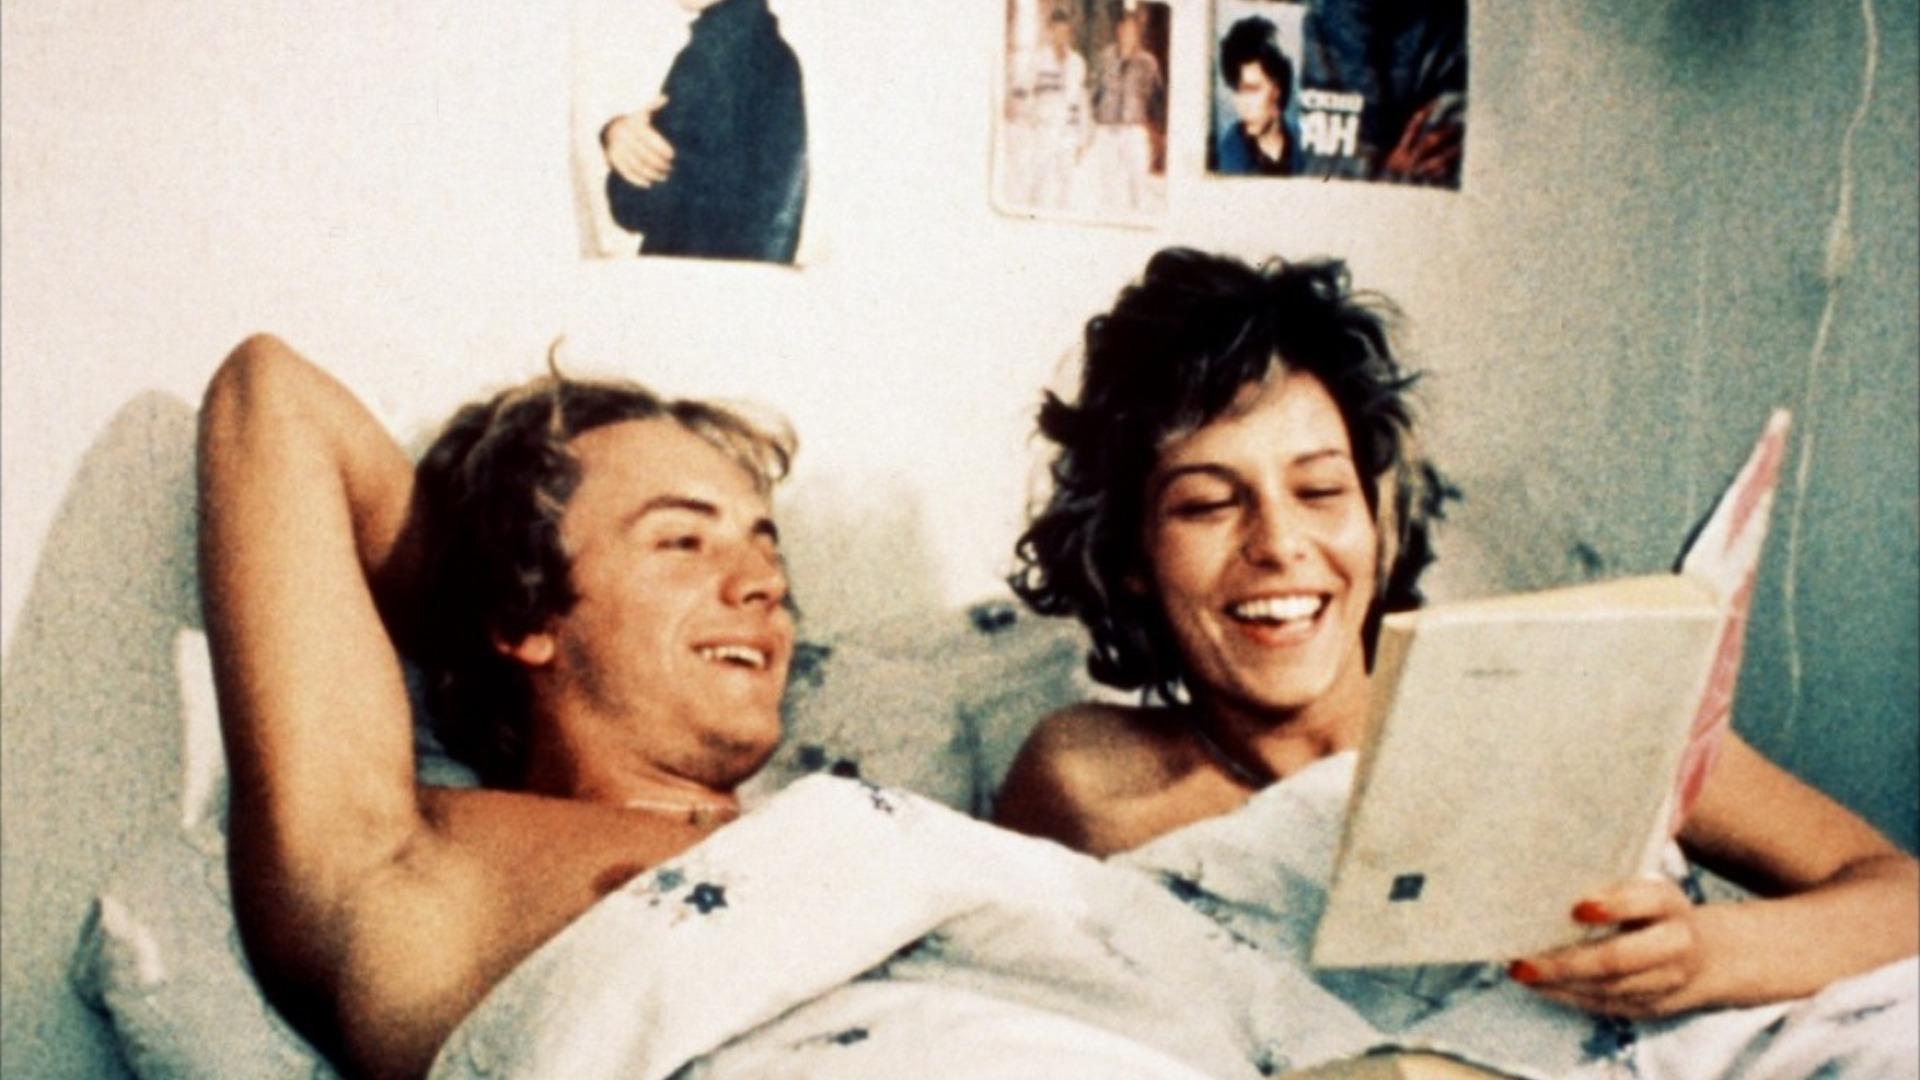 Подкаст «Кинотеатр Родина»: «Маленькая Вера» и секс в СССР